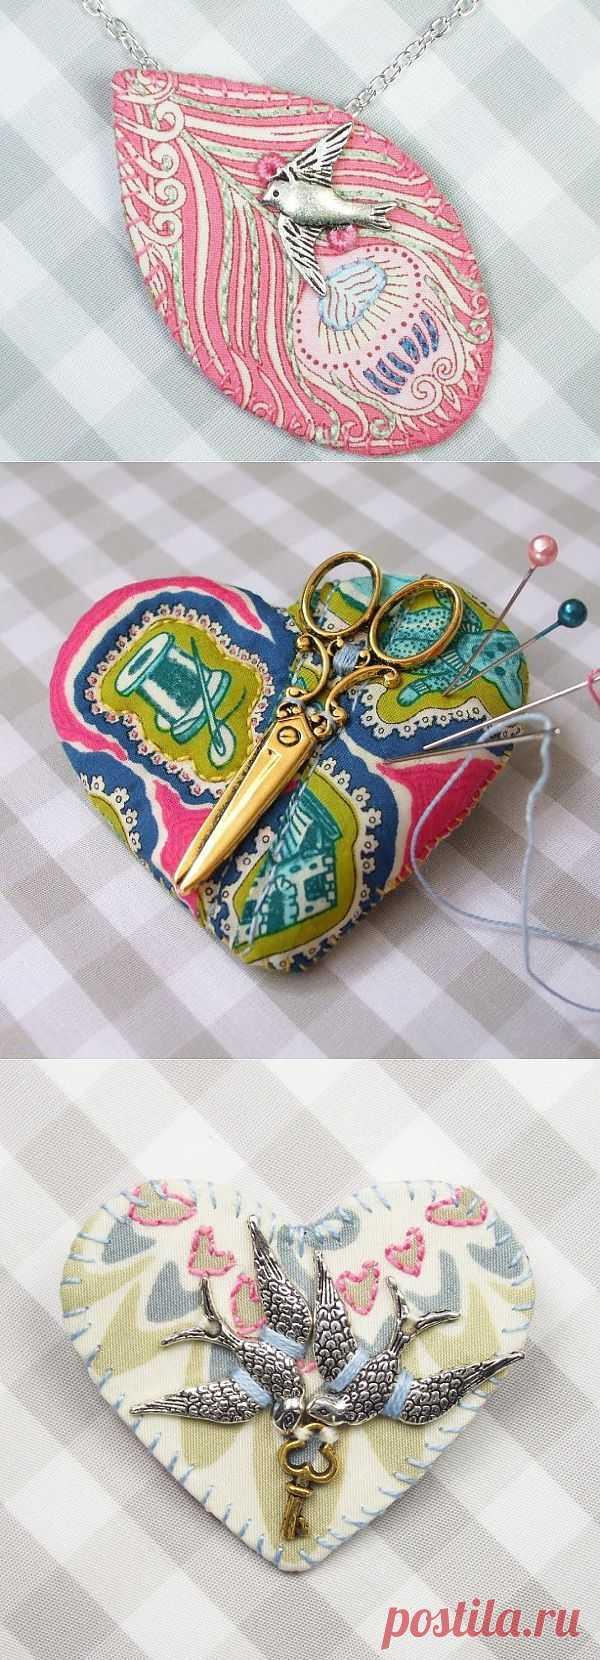 Вышитые украшения (подборка) / Вышивка / Модный сайт о стильной переделке одежды и интерьера